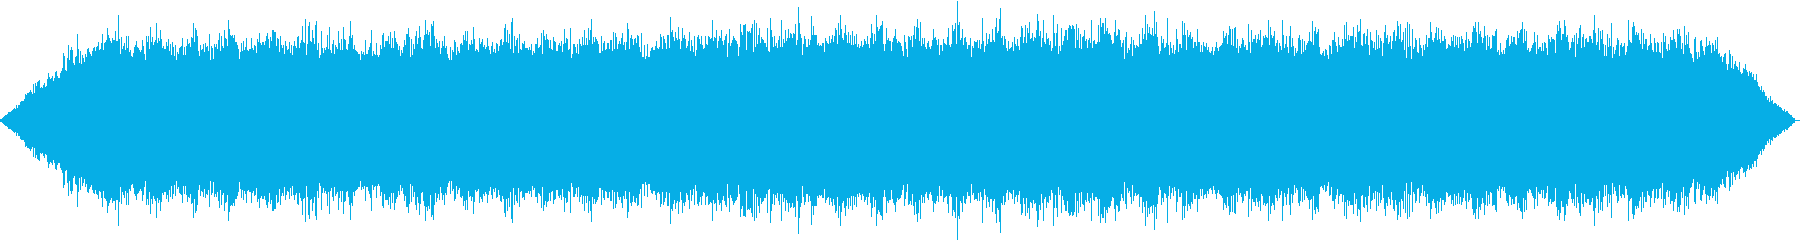 【生録音】真夏の夜の虫の鳴き声1の再生済みの波形